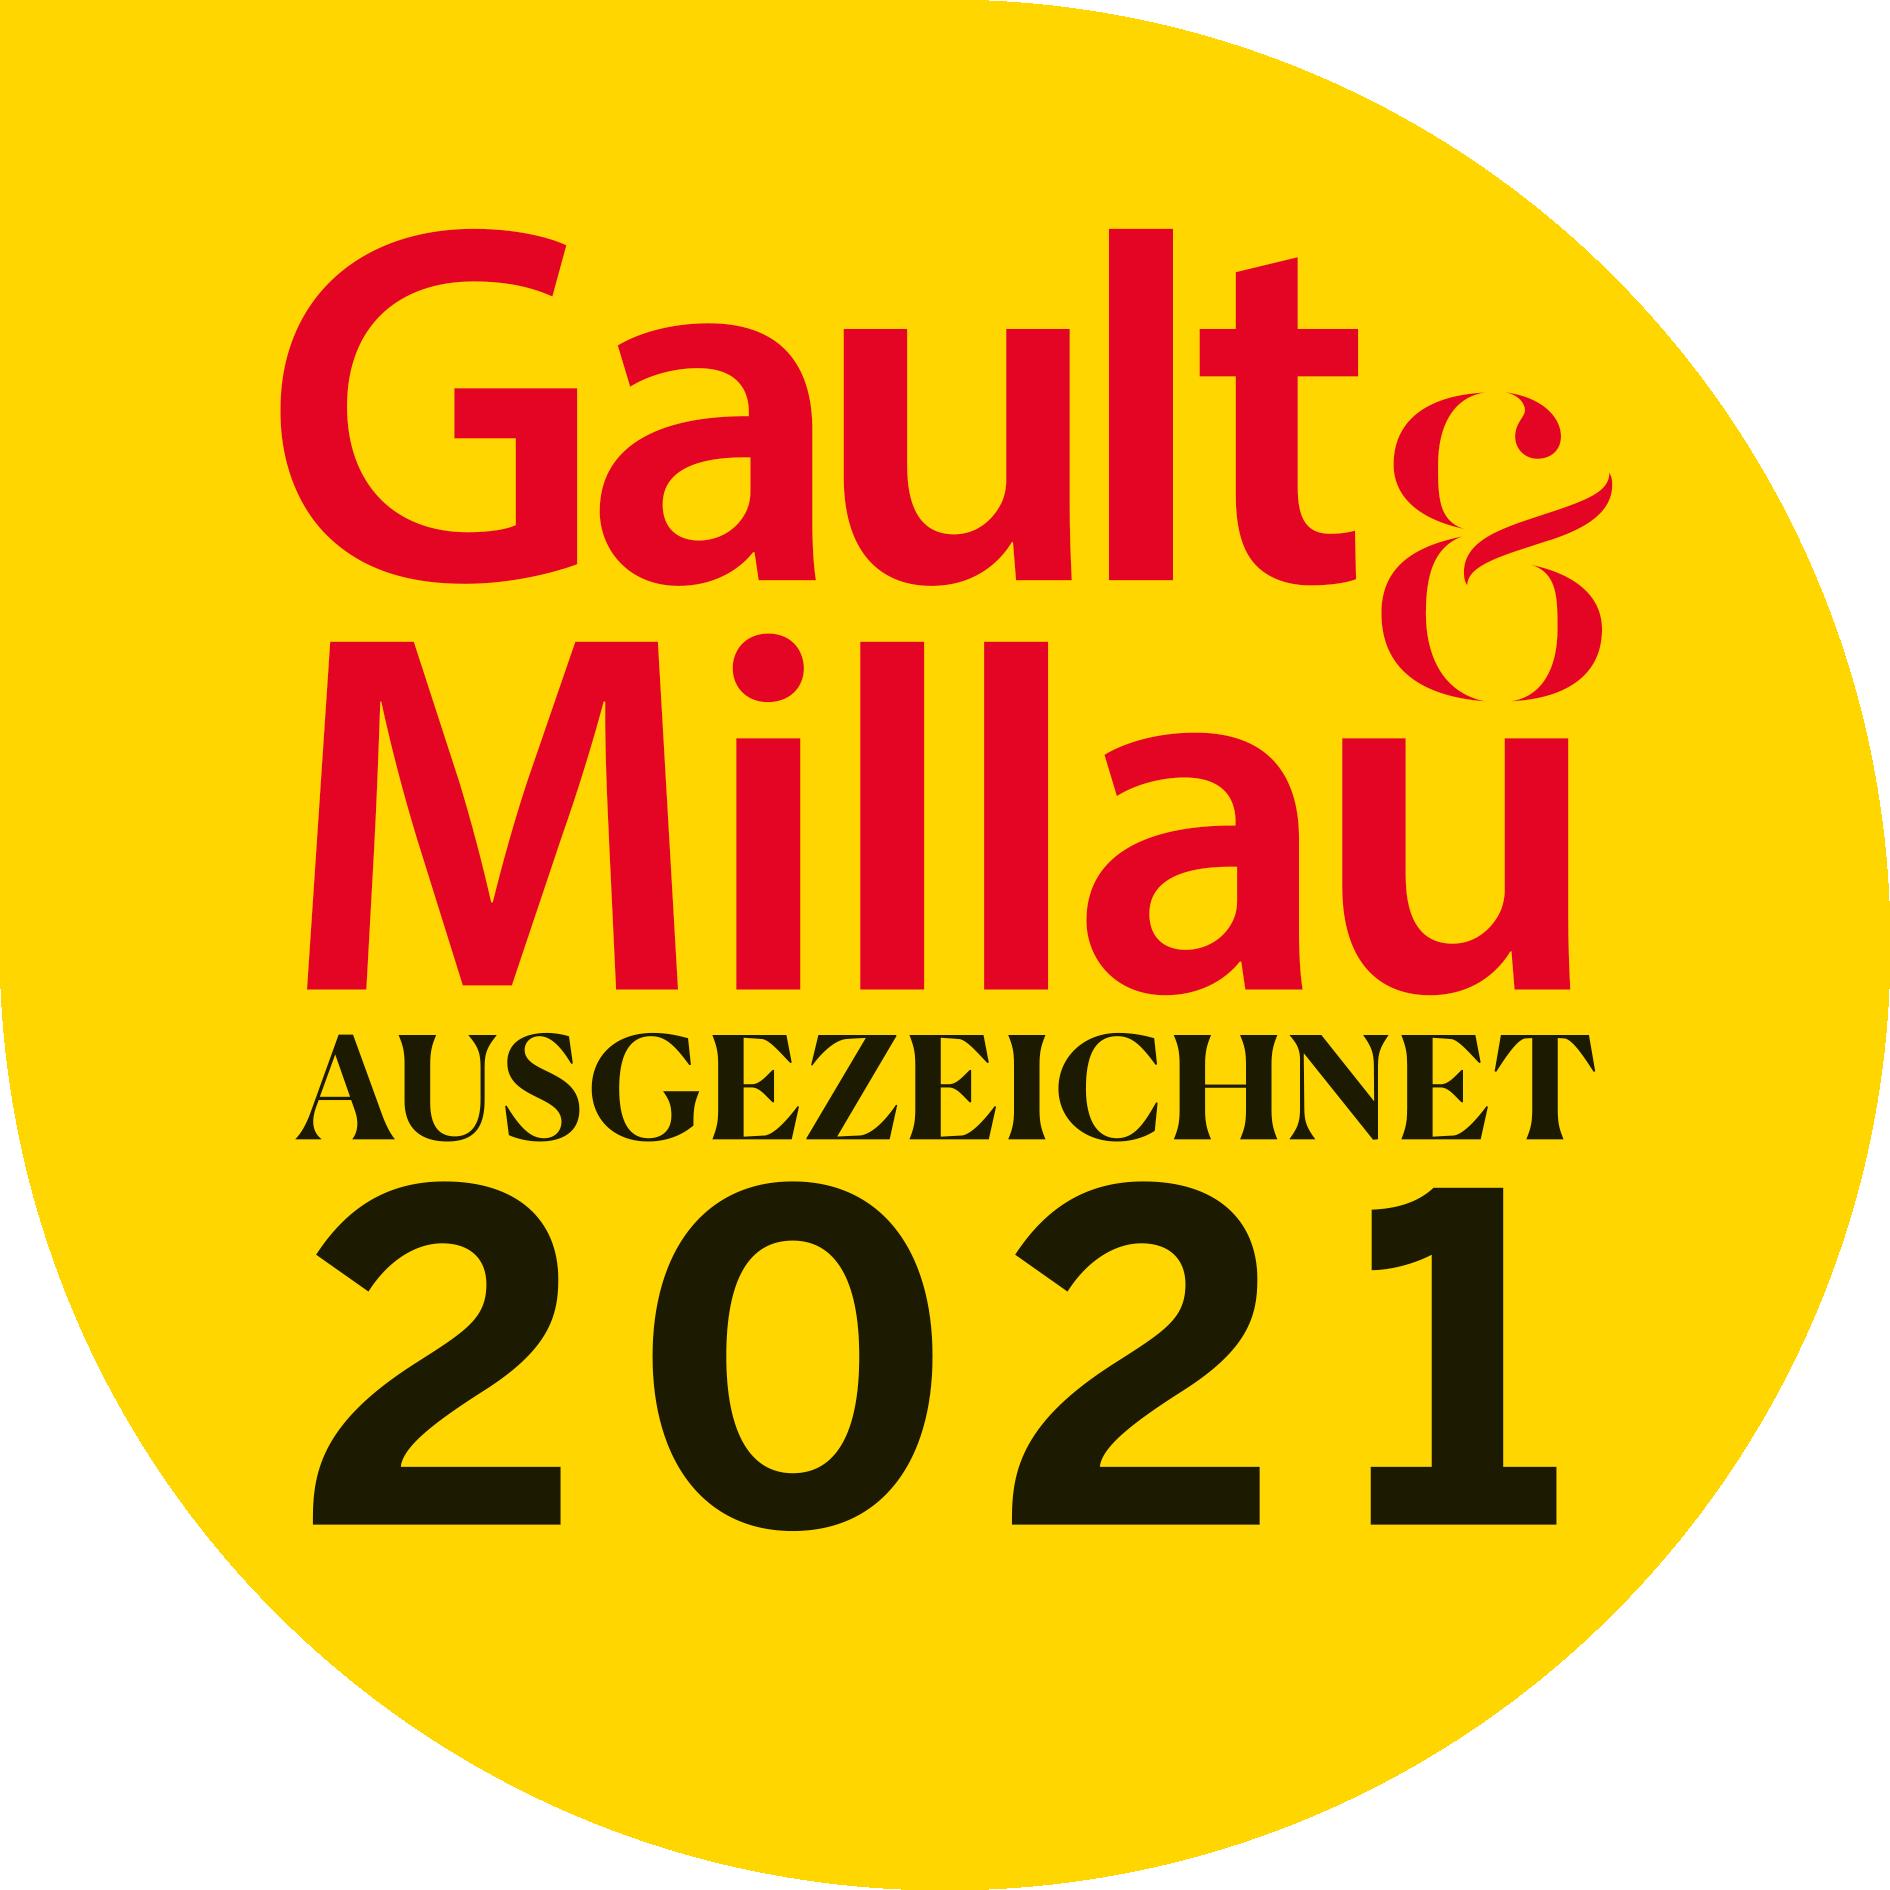 Gault & Millau AUSGEZEICHNET 2021